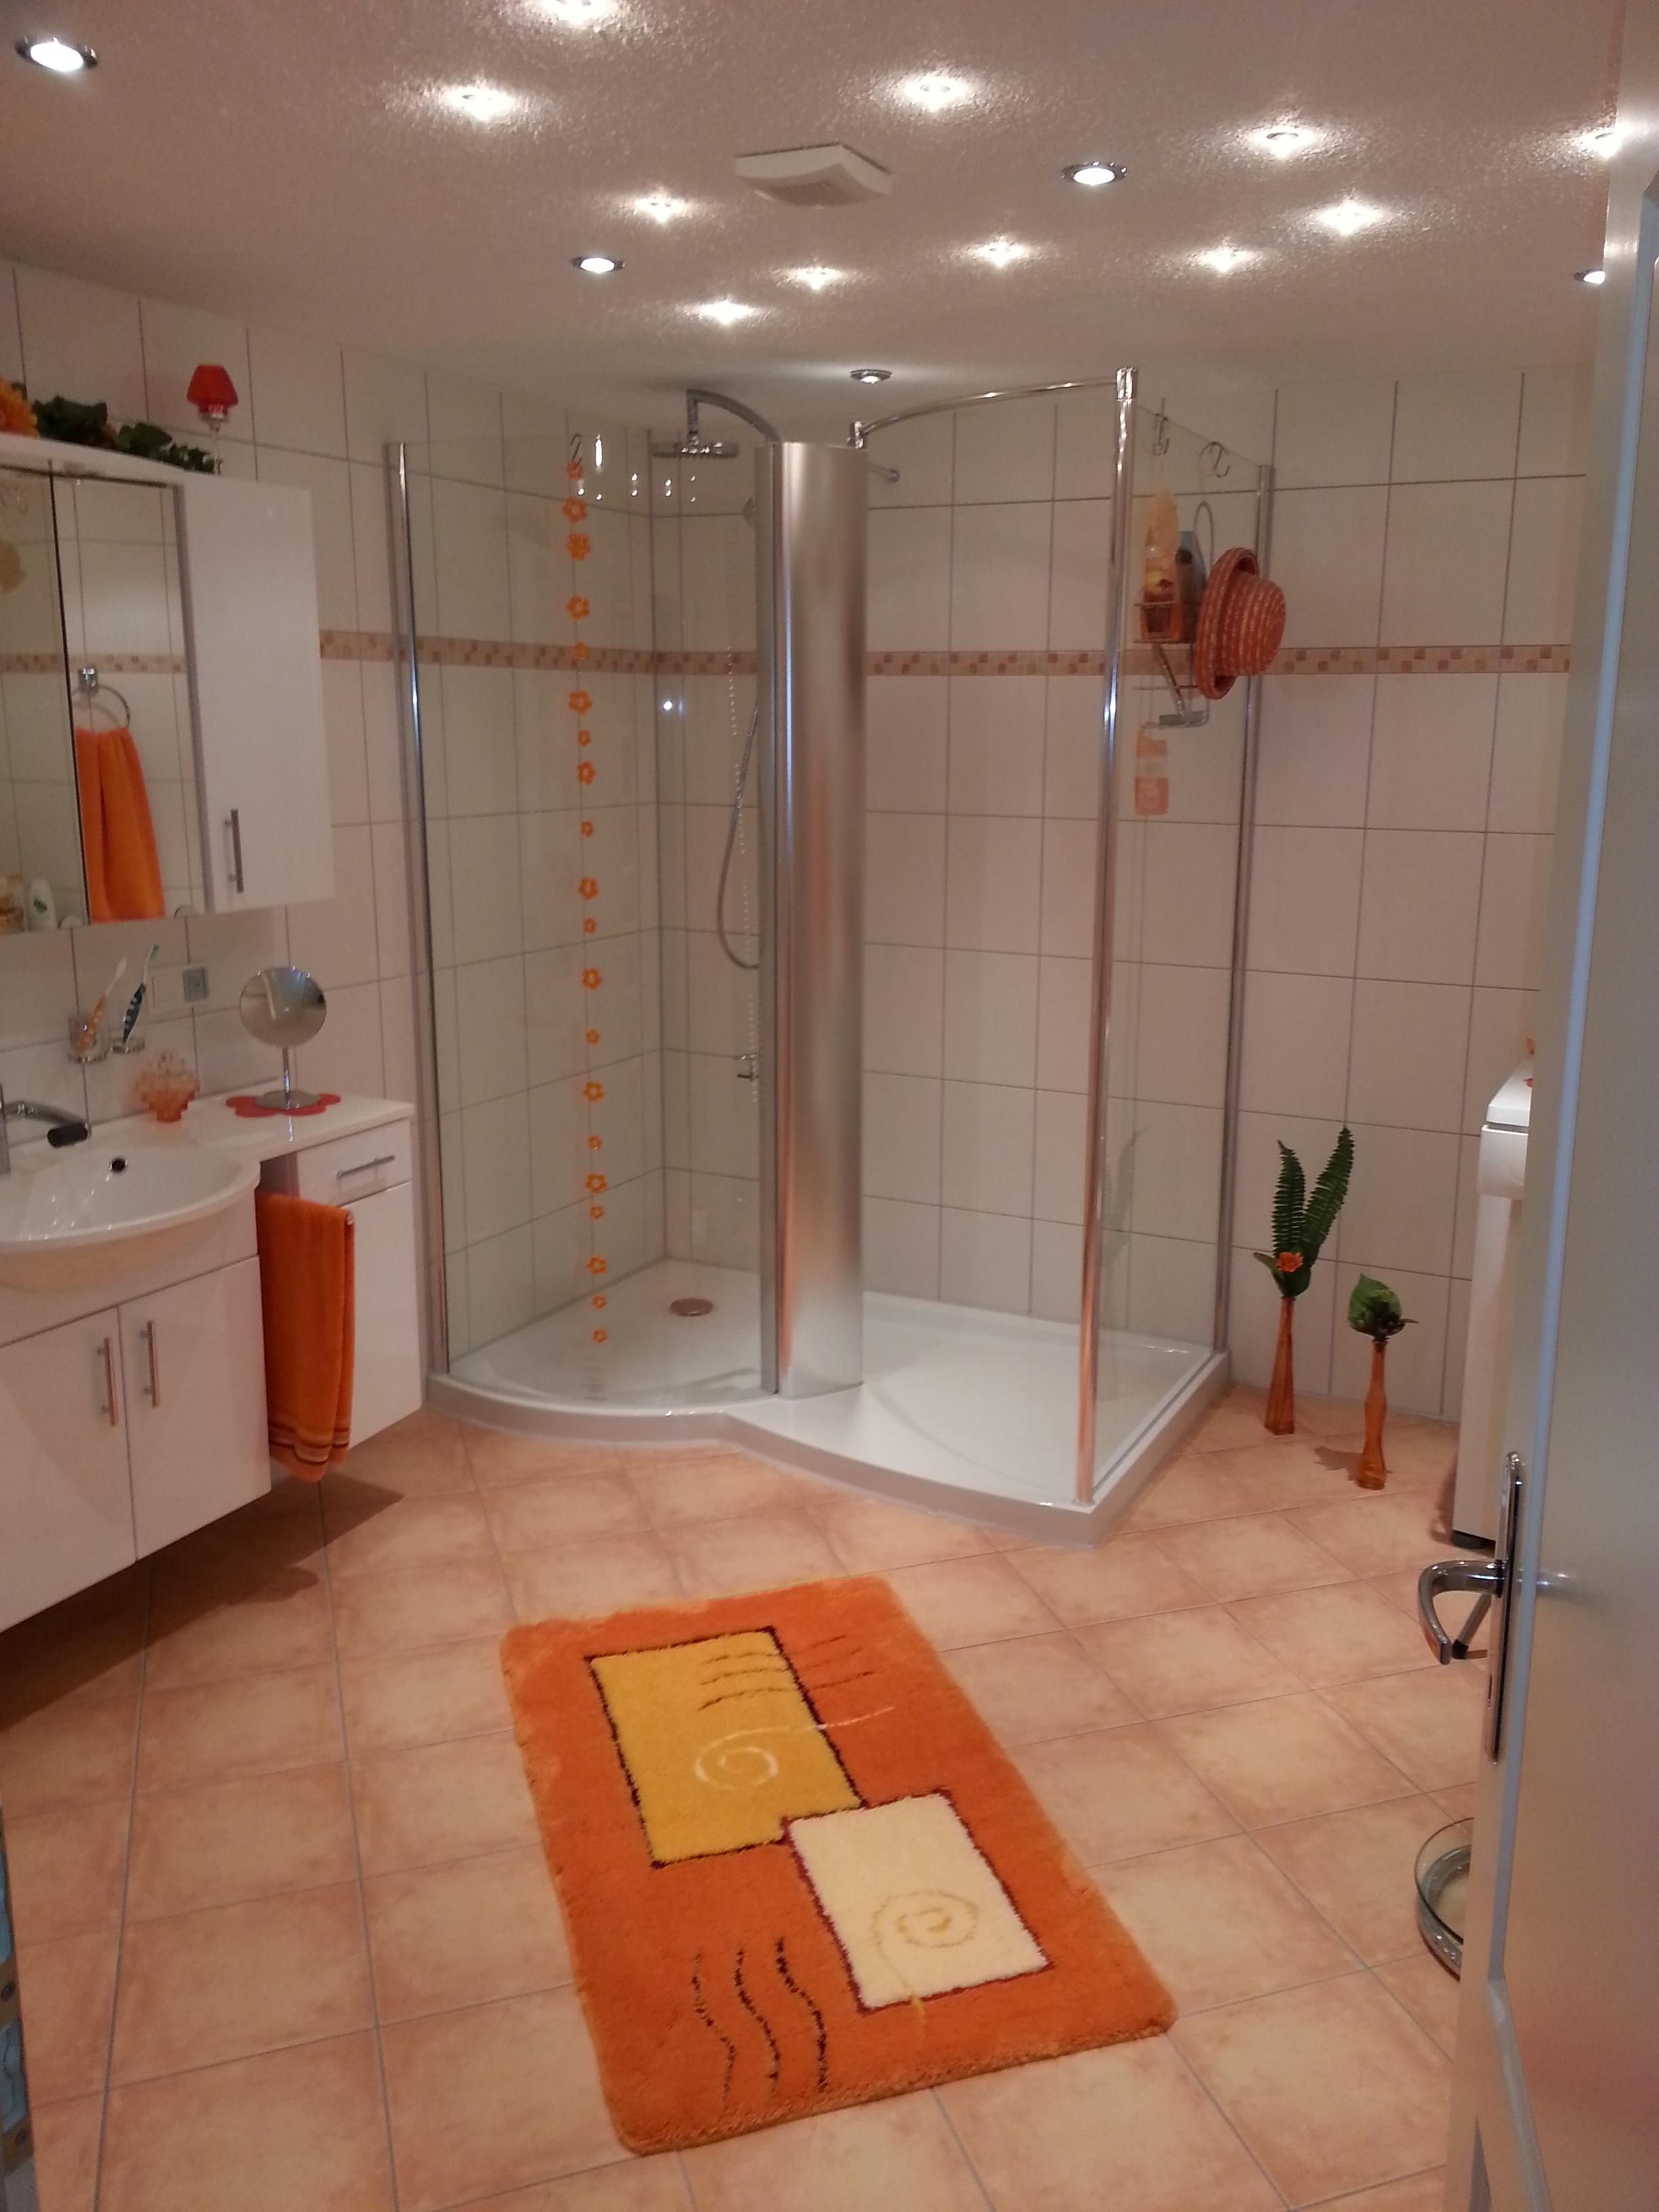 Gerd Nolte Heizung  Sanitr  Badezimmer Terrakotta